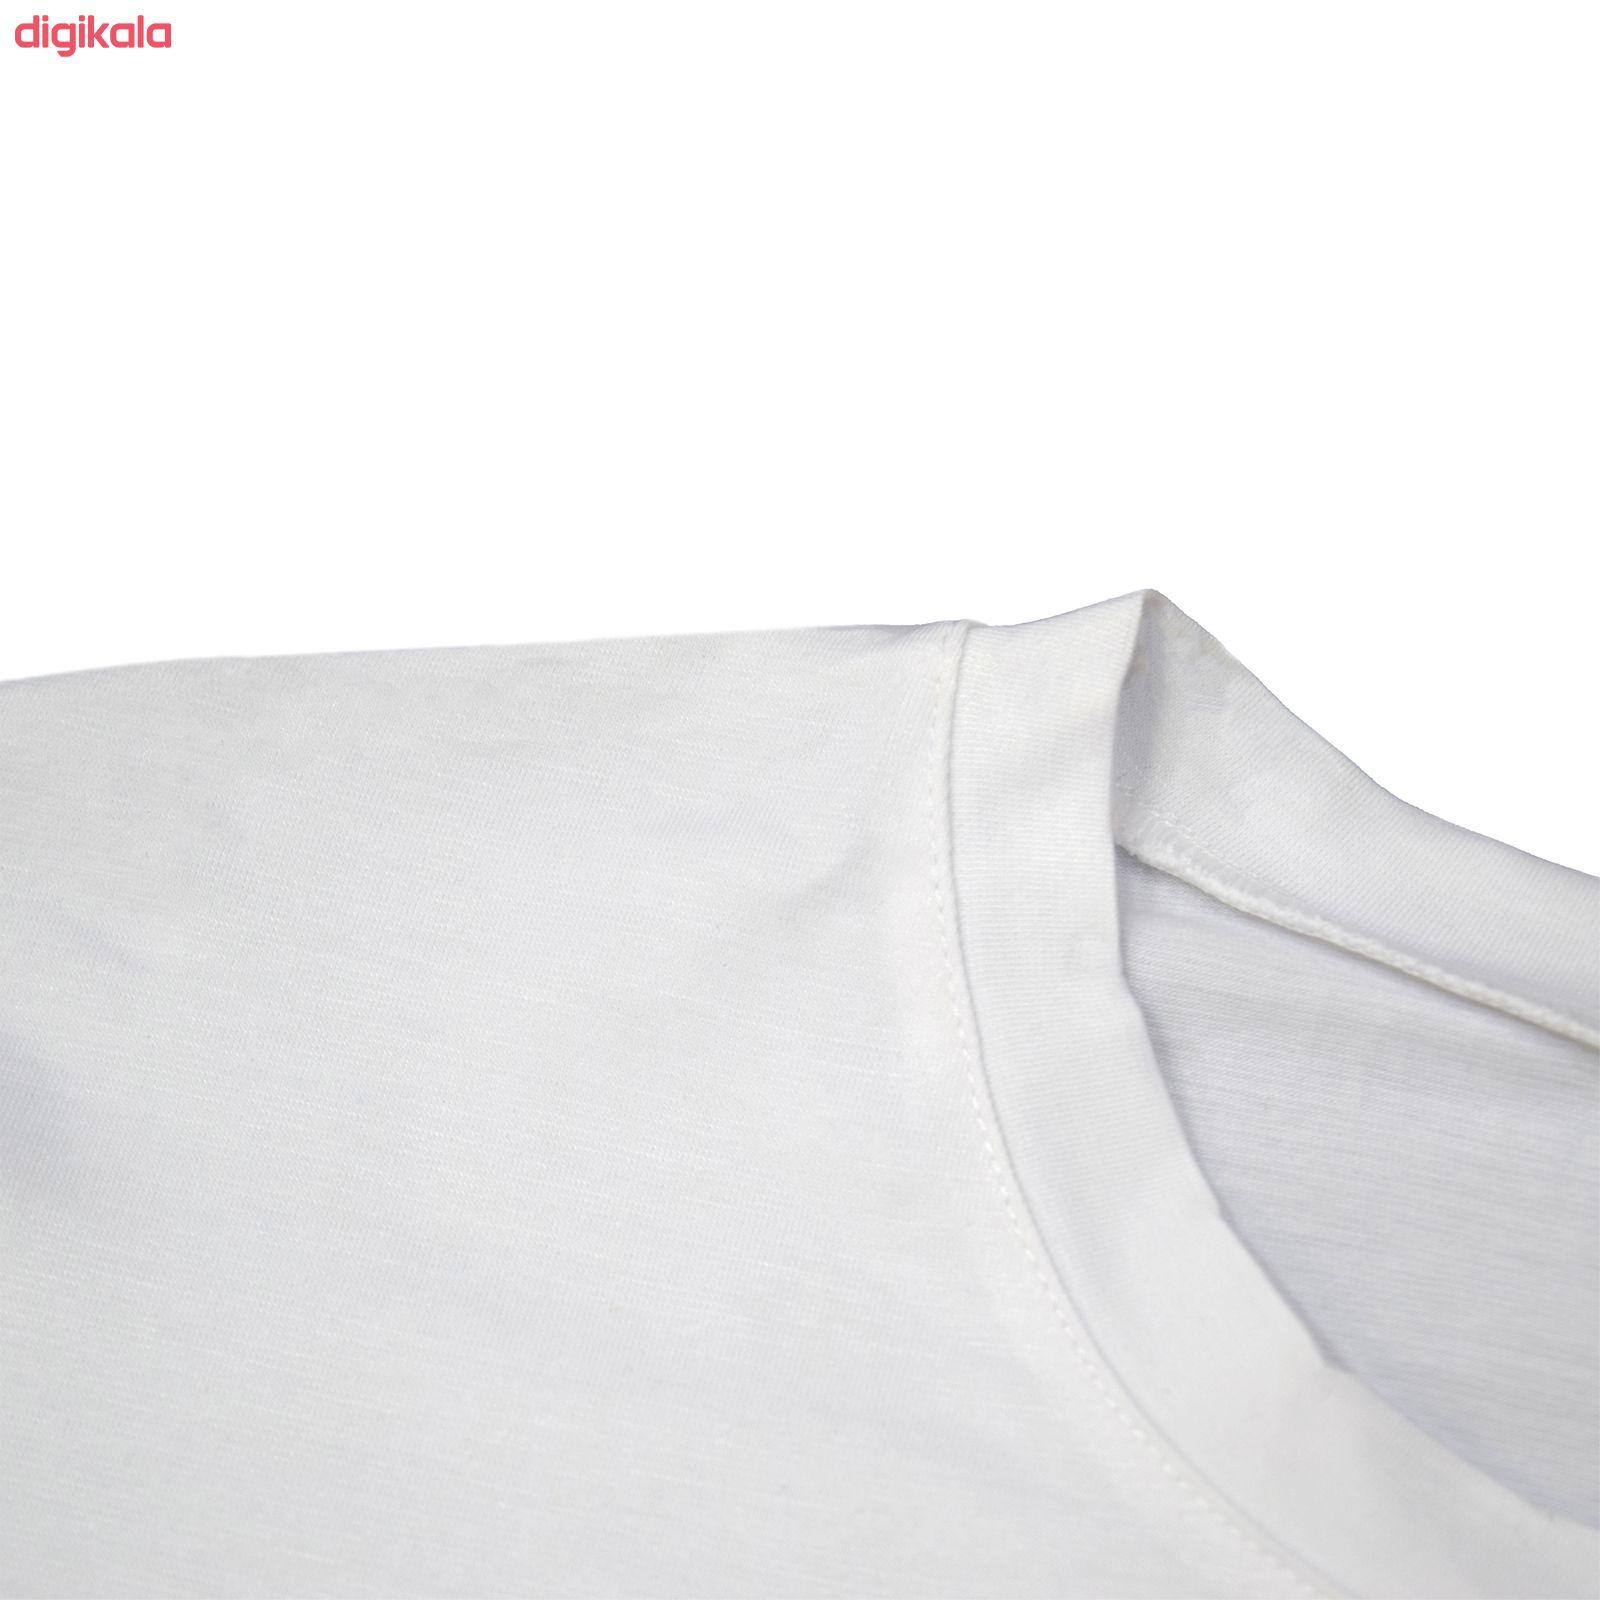 تی شرت آستین کوتاه زنانه طرح فرندز کد Z84 main 1 2